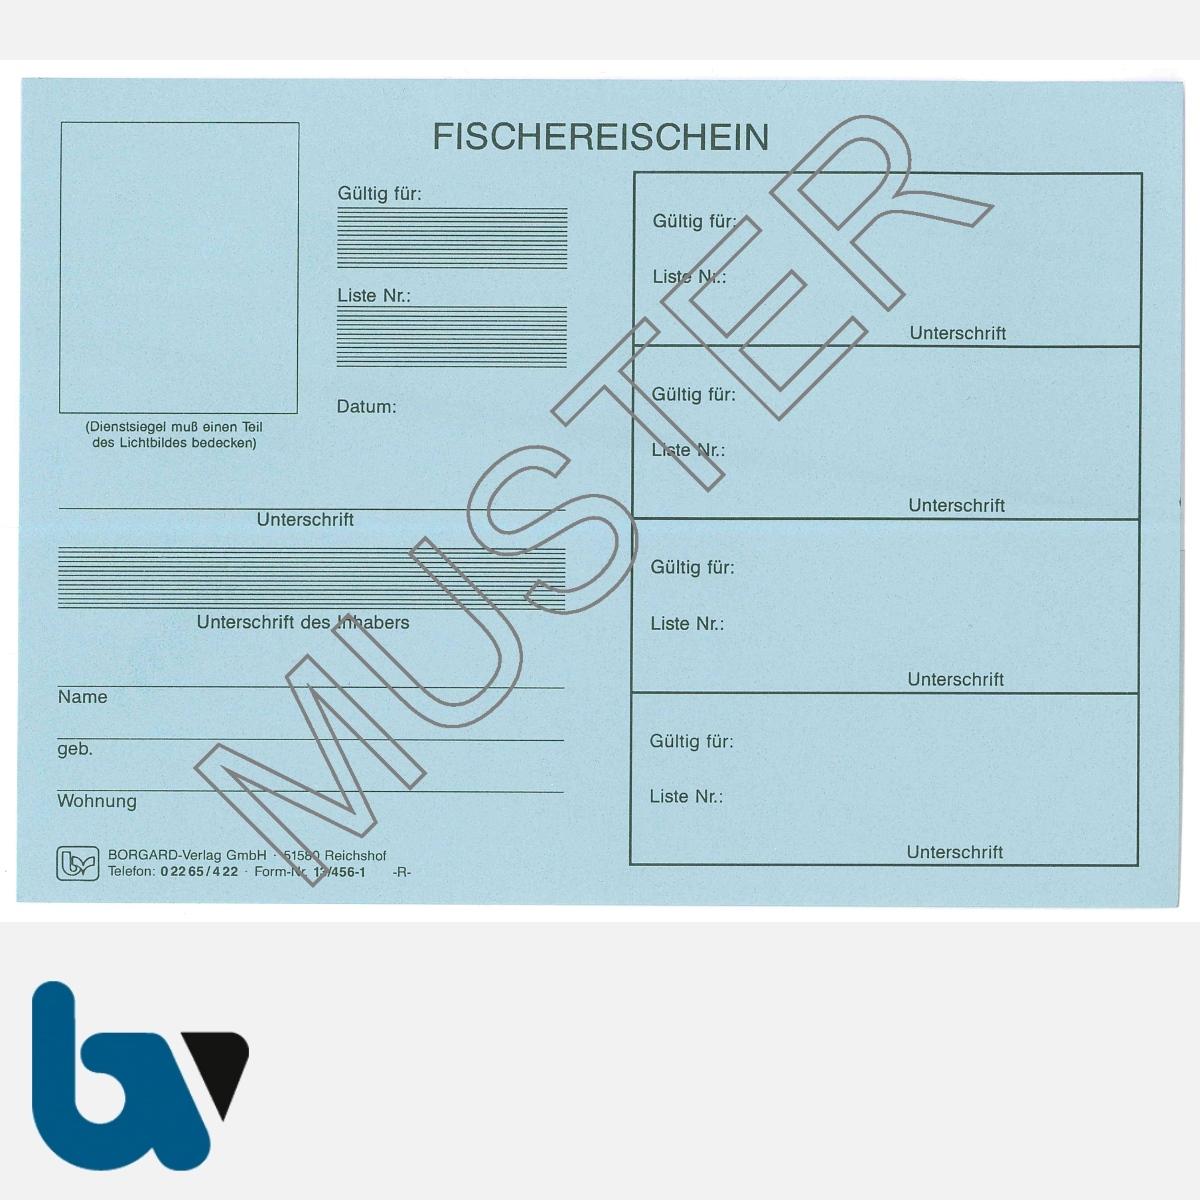 13/456-1 Fischereischein Thüringen blau Neobond Muster VS   Borgard Verlag GmbH